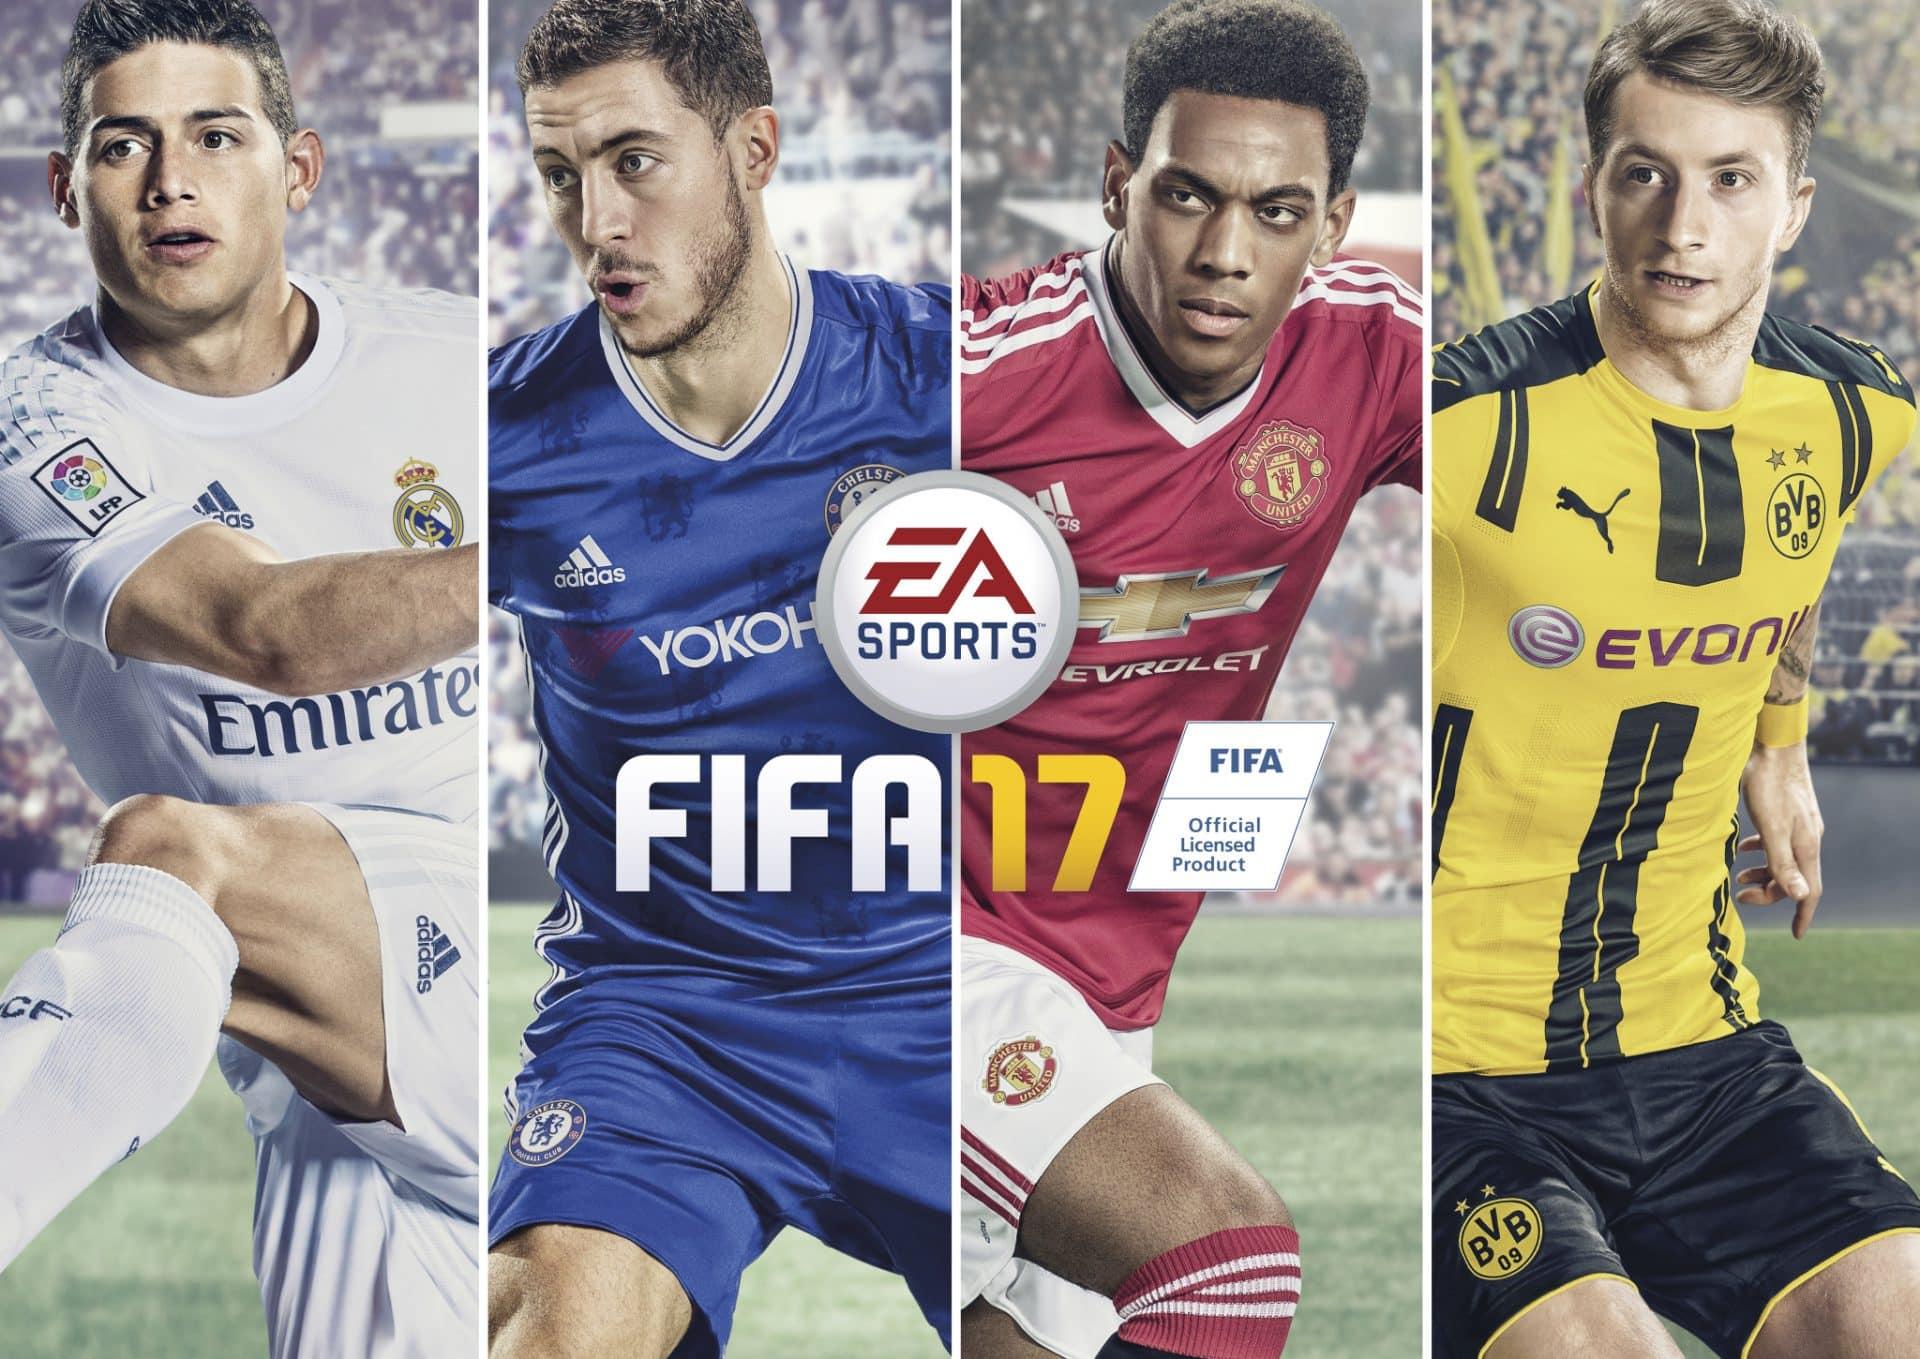 FIFA 17 : le Top 20 des meilleures joueuses disponible